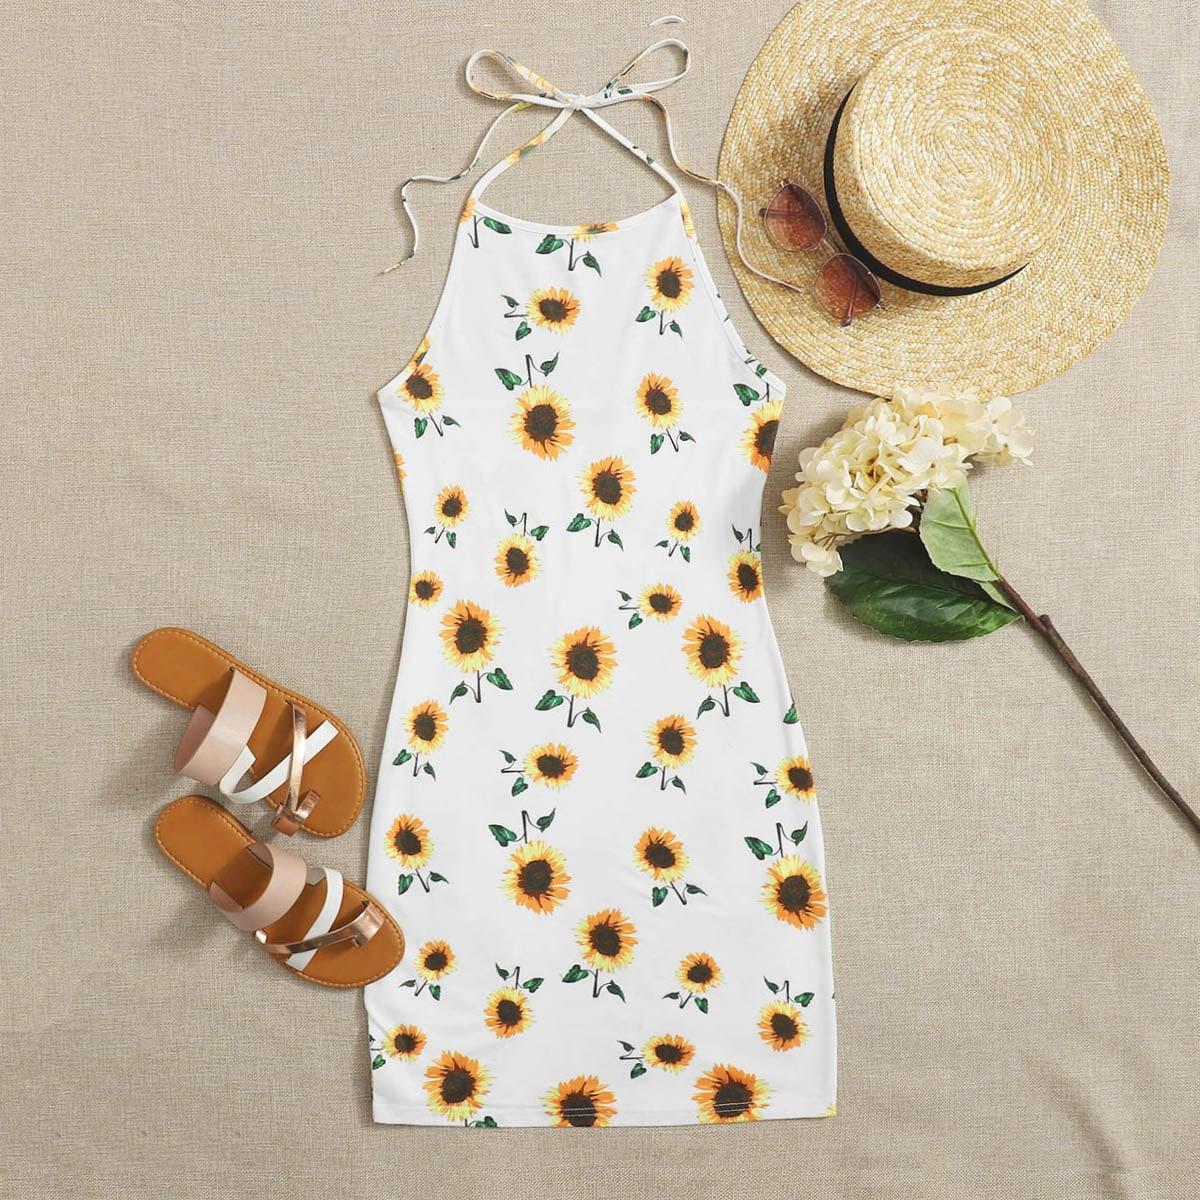 Облегающее платье-халтер с принтом подсолнуха